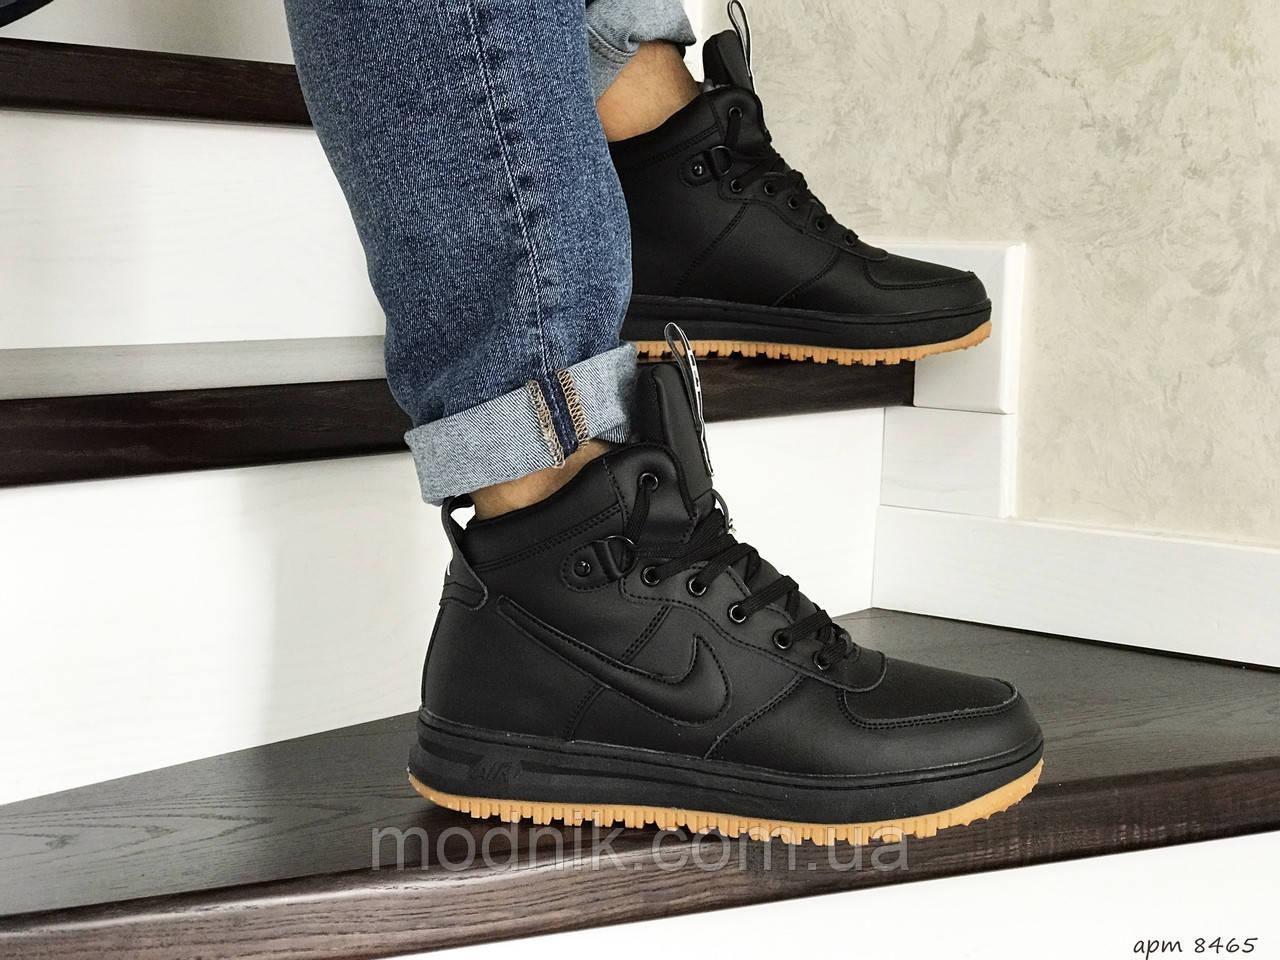 Мужские зимние кроссовки Nike Lunar Force 1 (черно-коричневые)